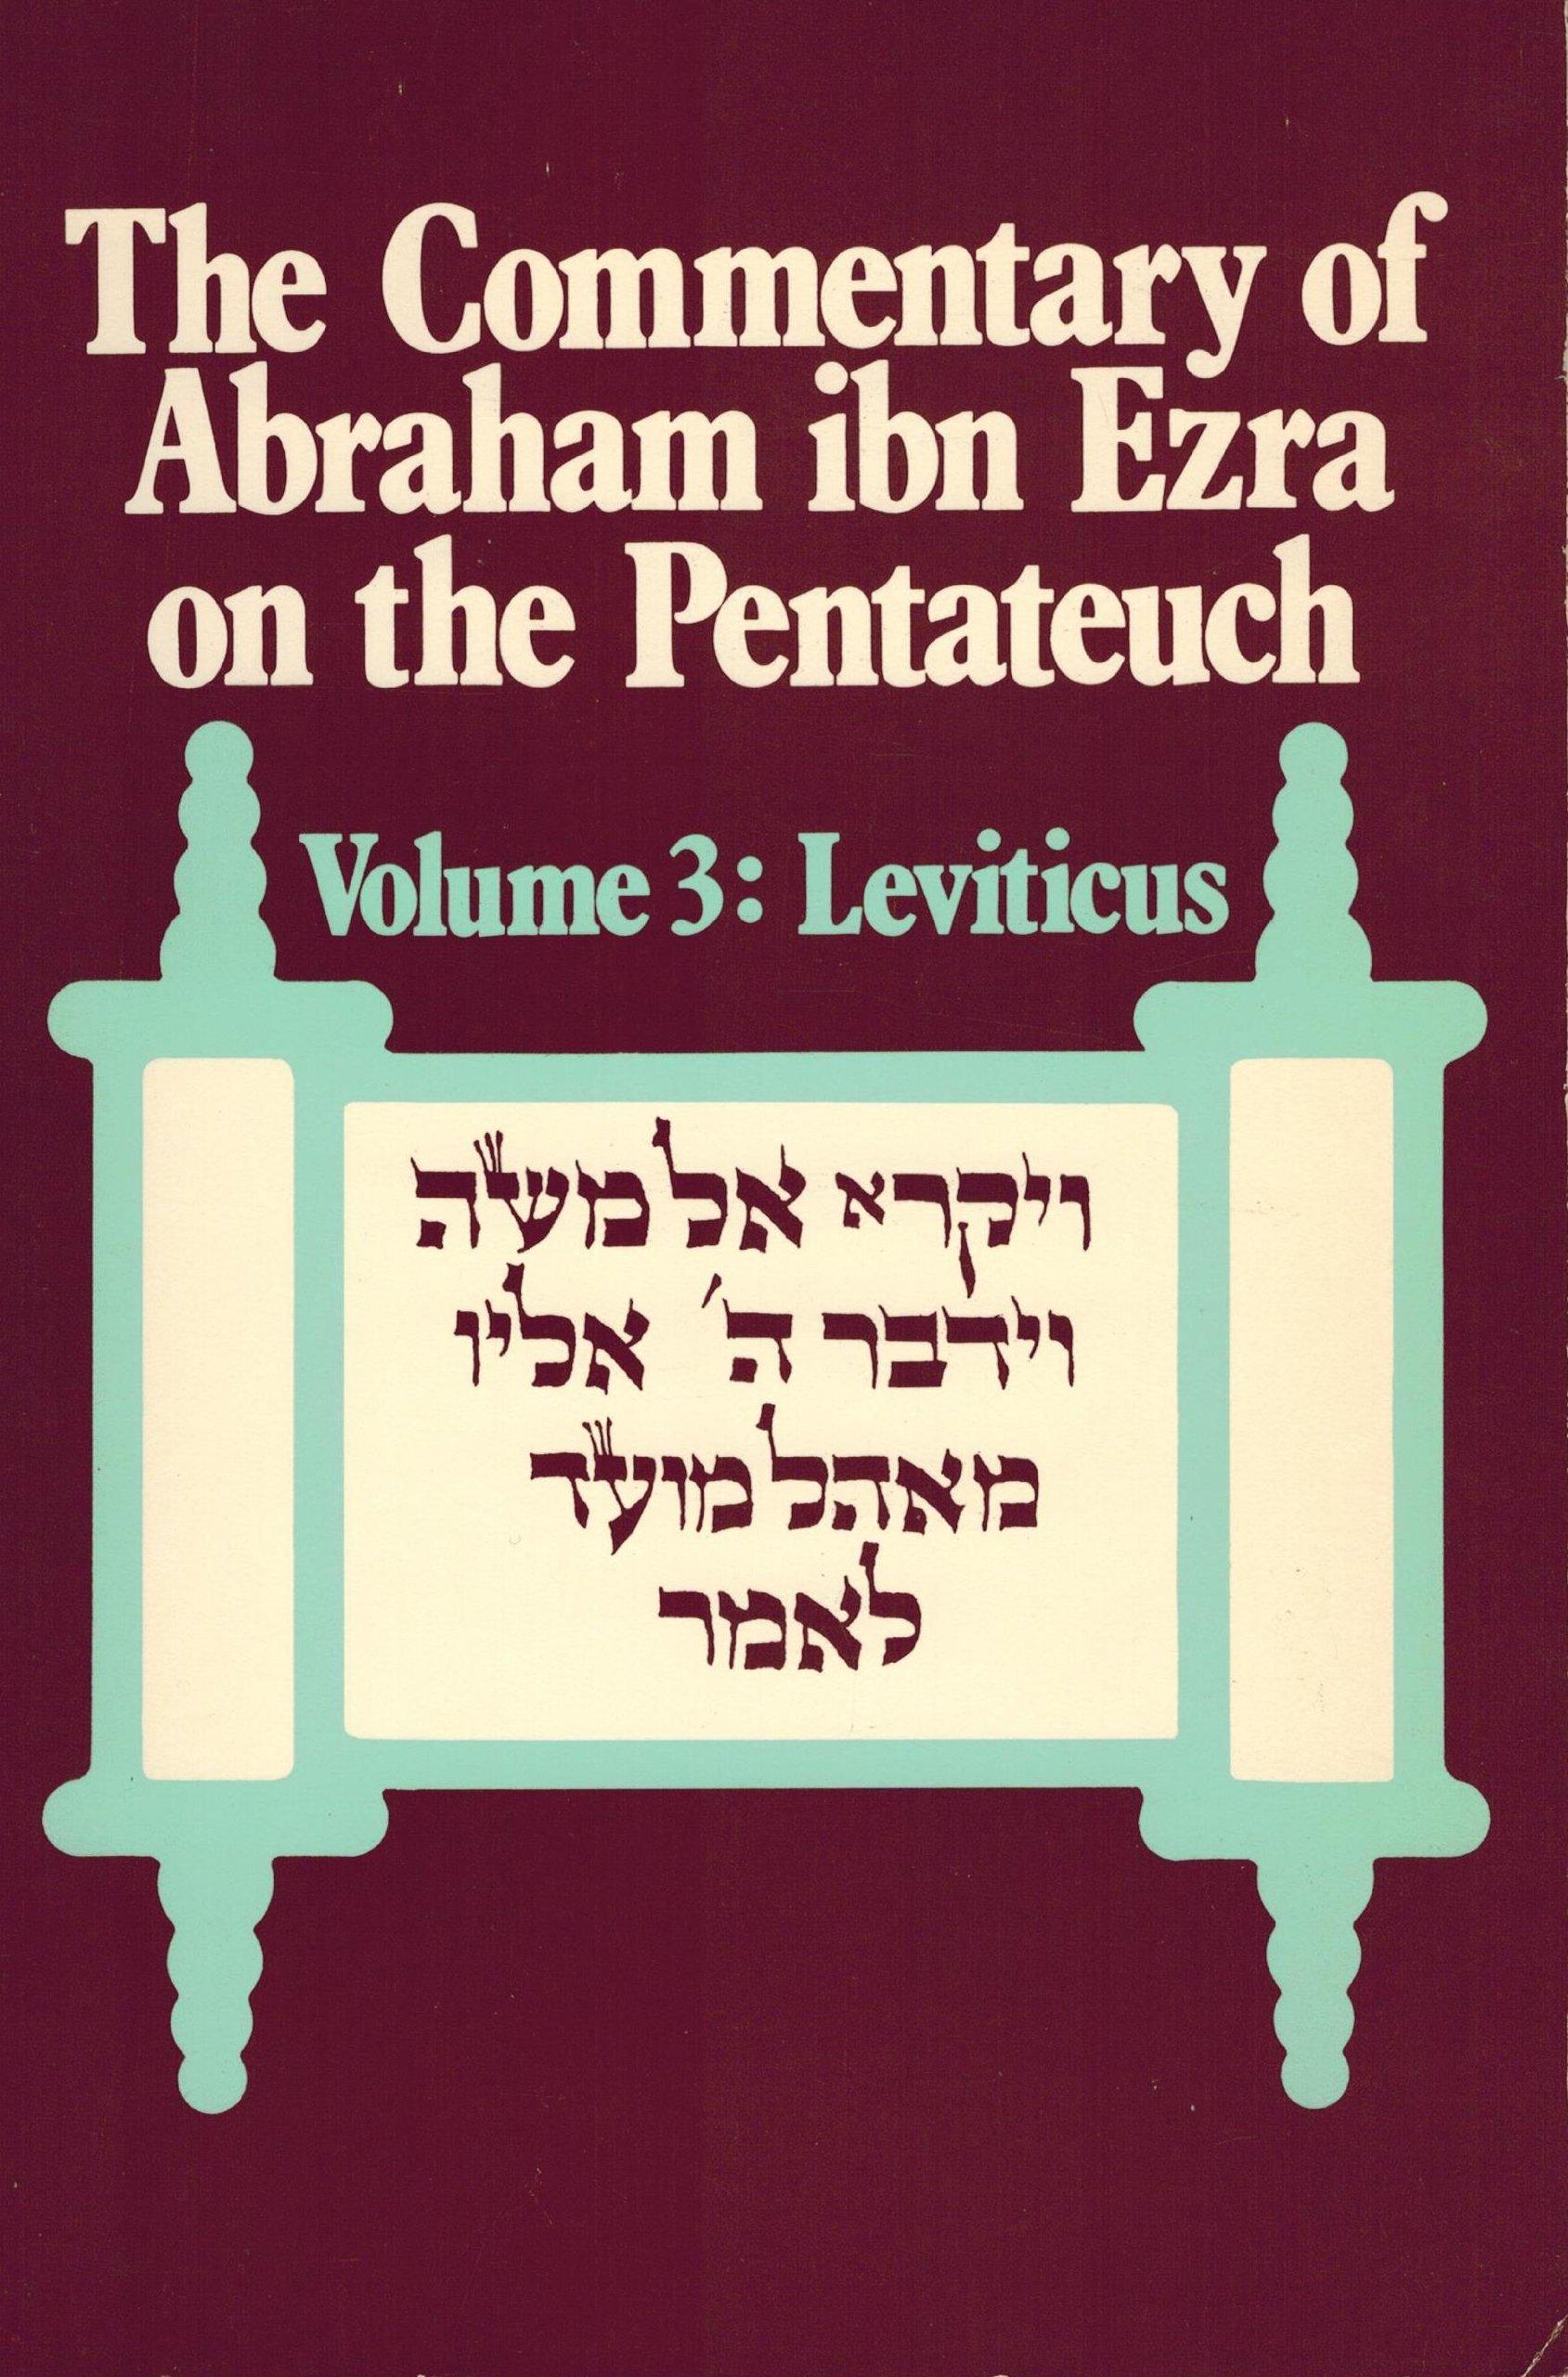 rabbi ben ezra poem analysis